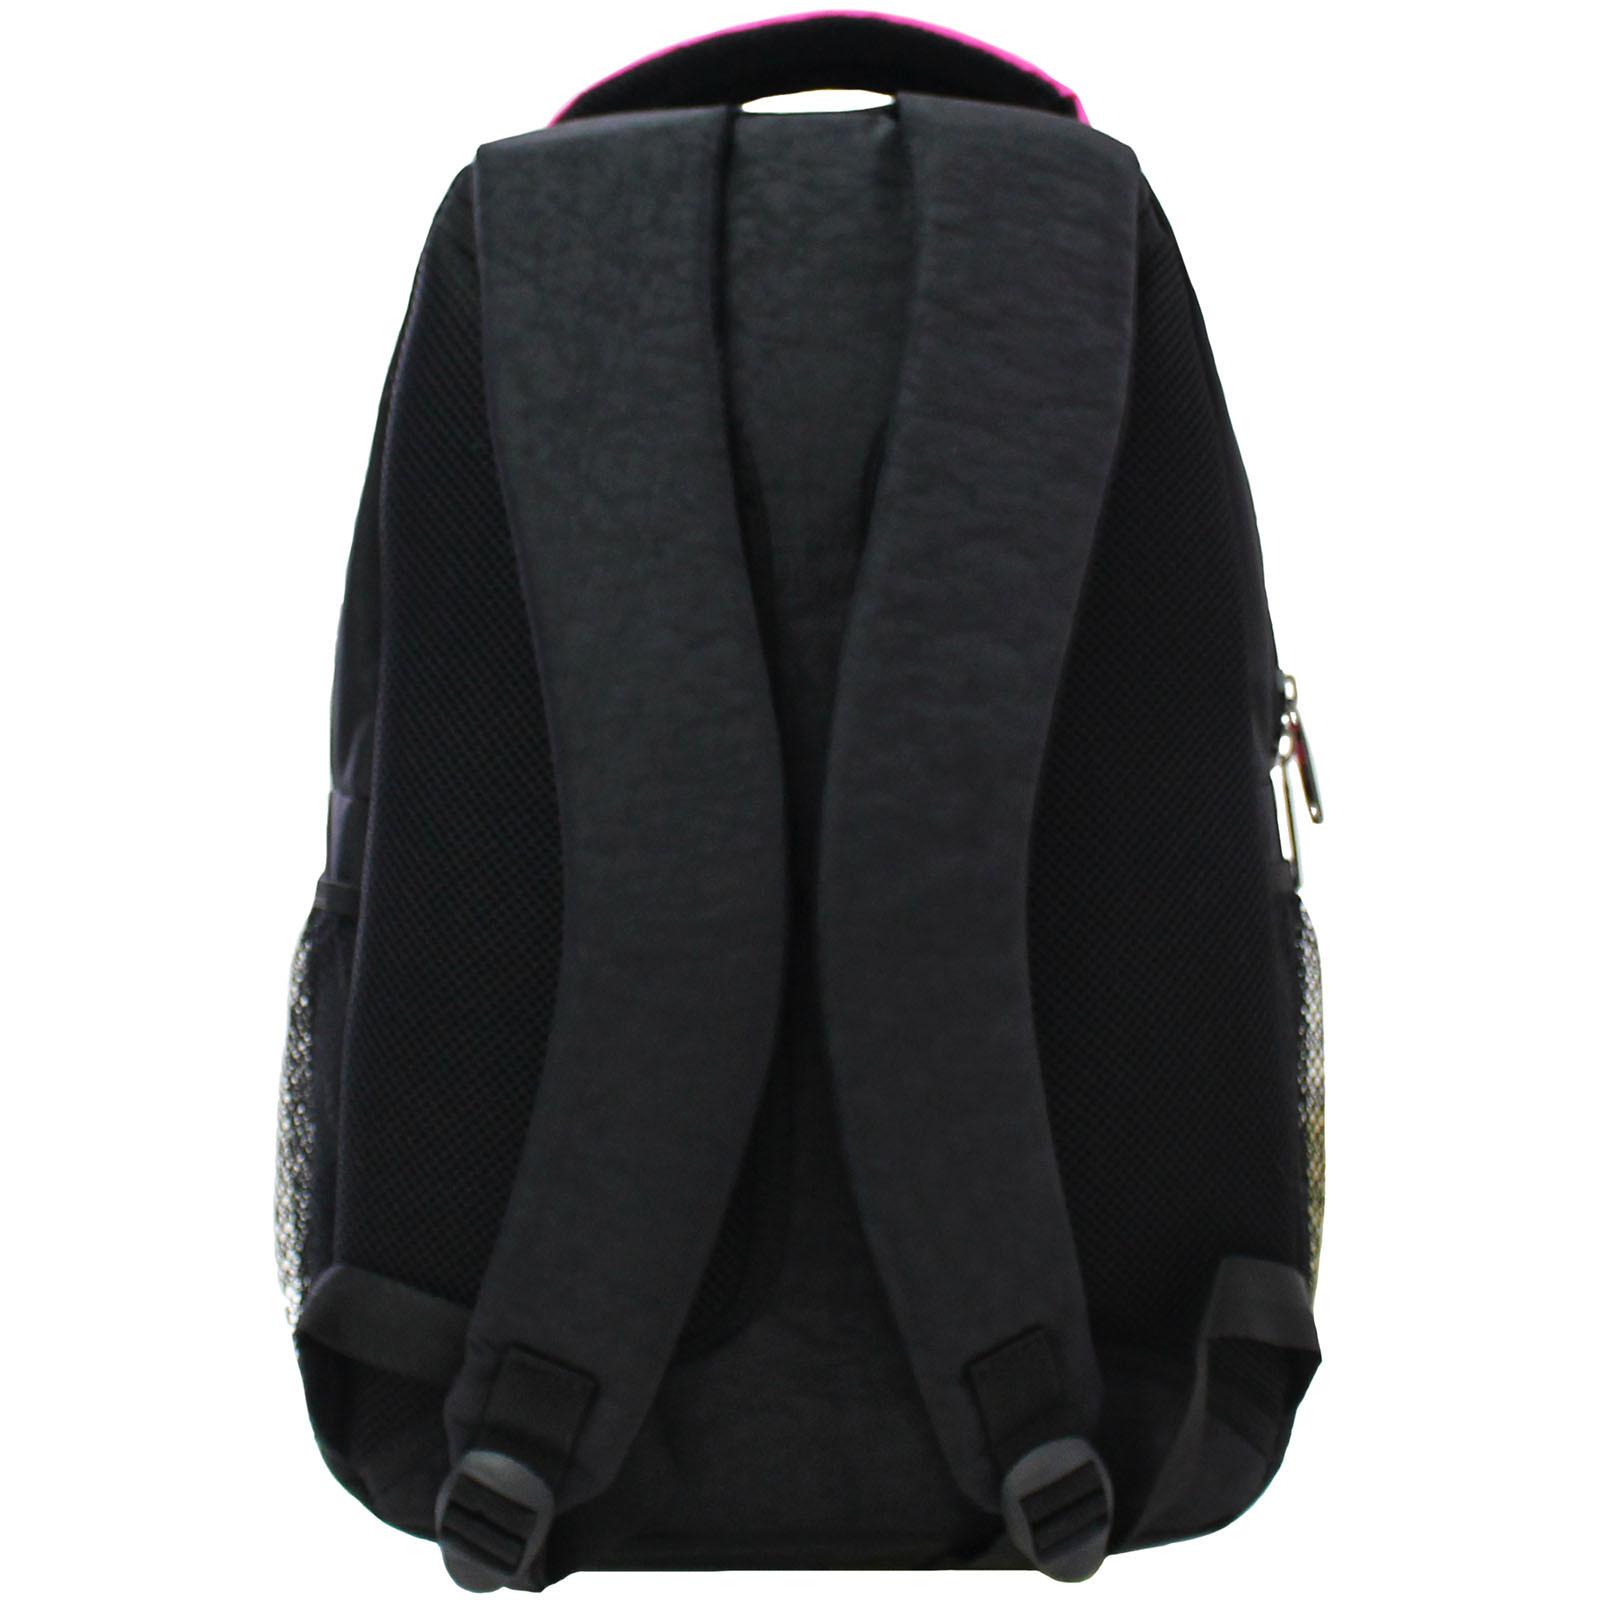 Рюкзак Bagland Лик 21 л. Чёрный / розовый (0055770) фото 3